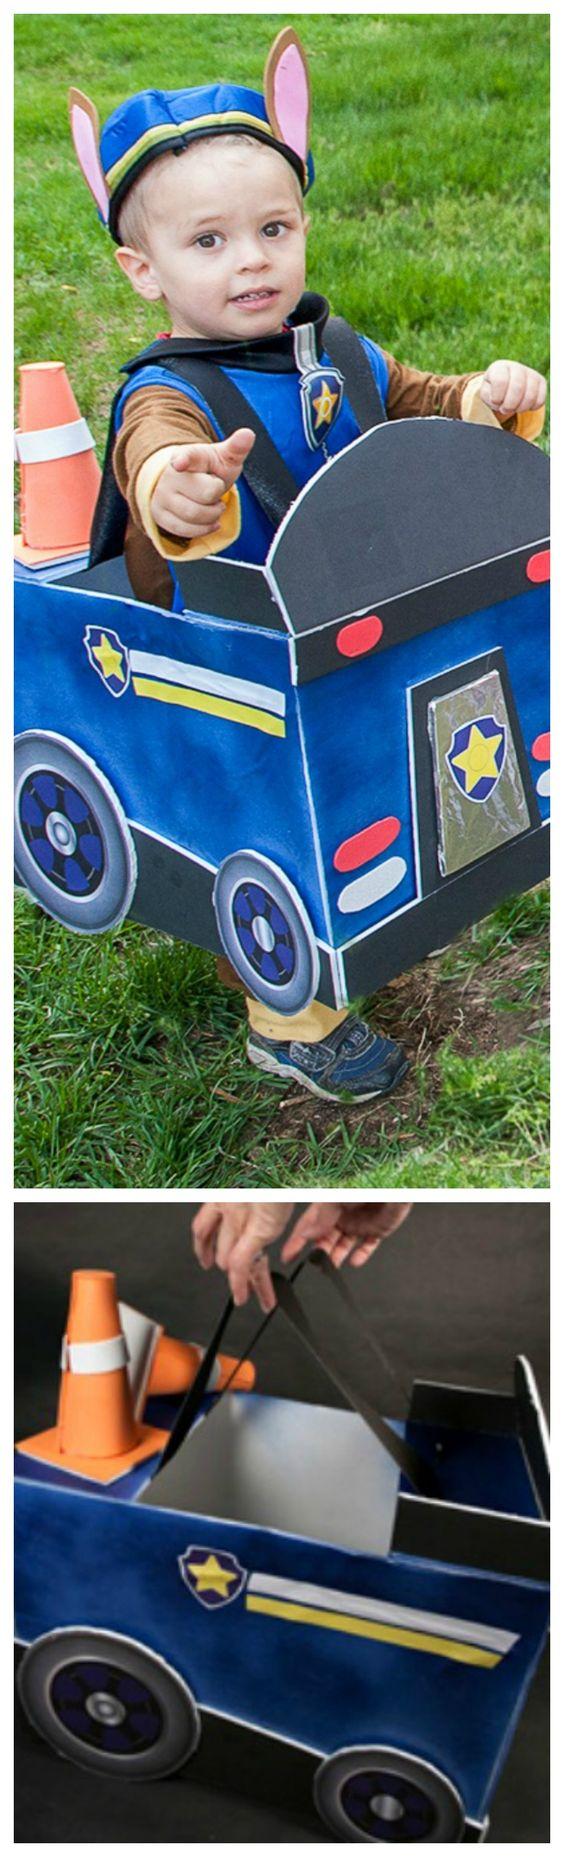 disfraces de paw patrol para fiestas infantiles (2)